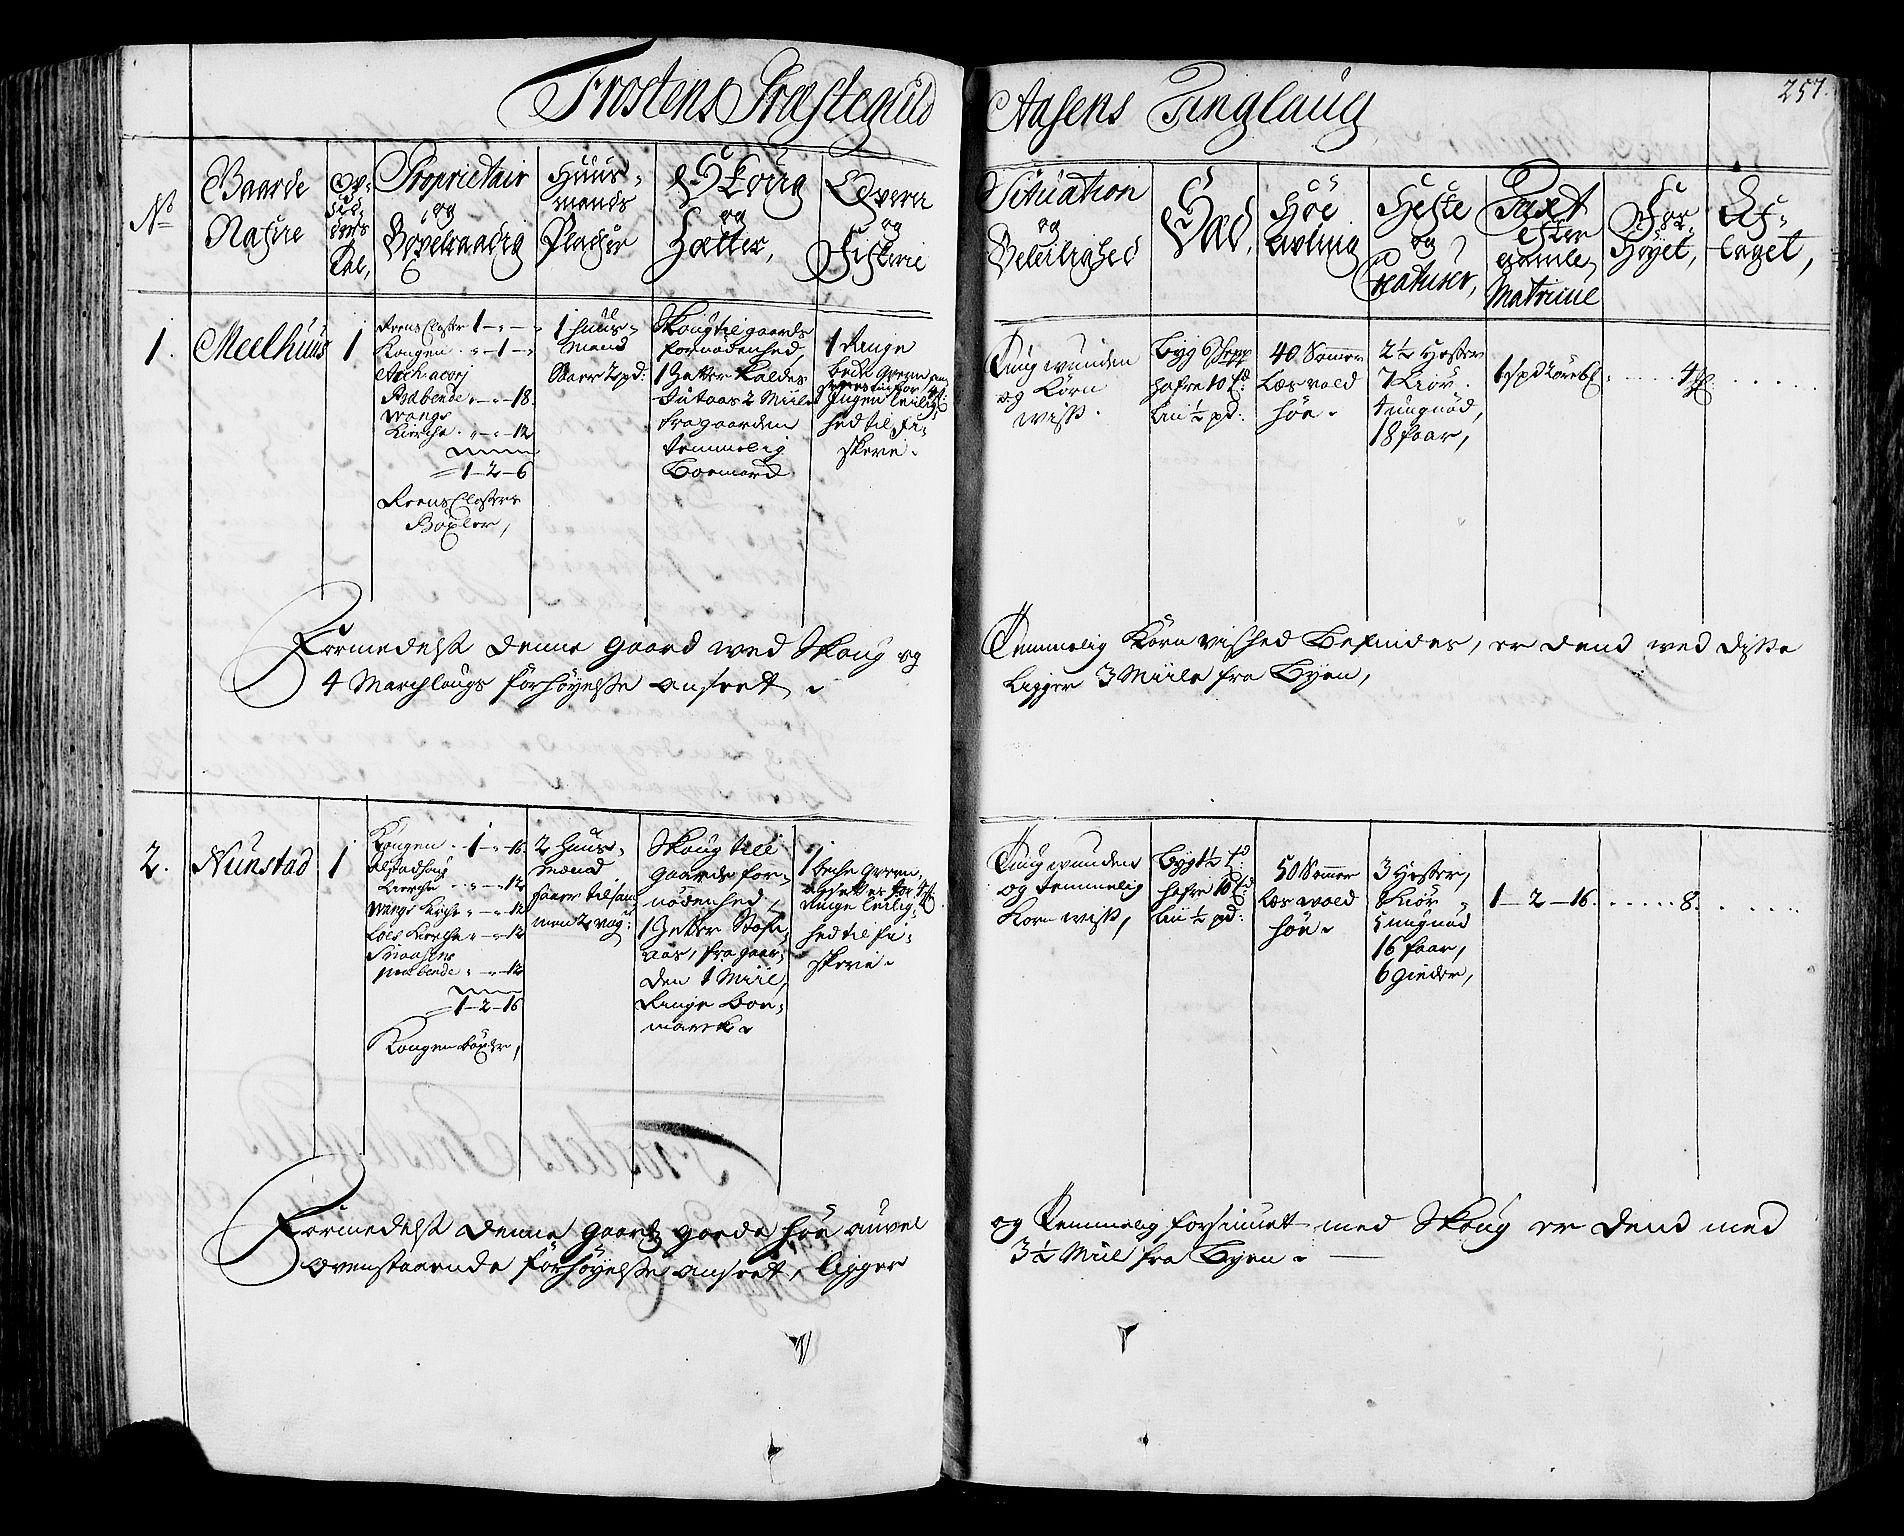 RA, Rentekammeret inntil 1814, Realistisk ordnet avdeling, N/Nb/Nbf/L0164: Stjørdal og Verdal eksaminasjonsprotokoll, 1723, s. 256b-257a